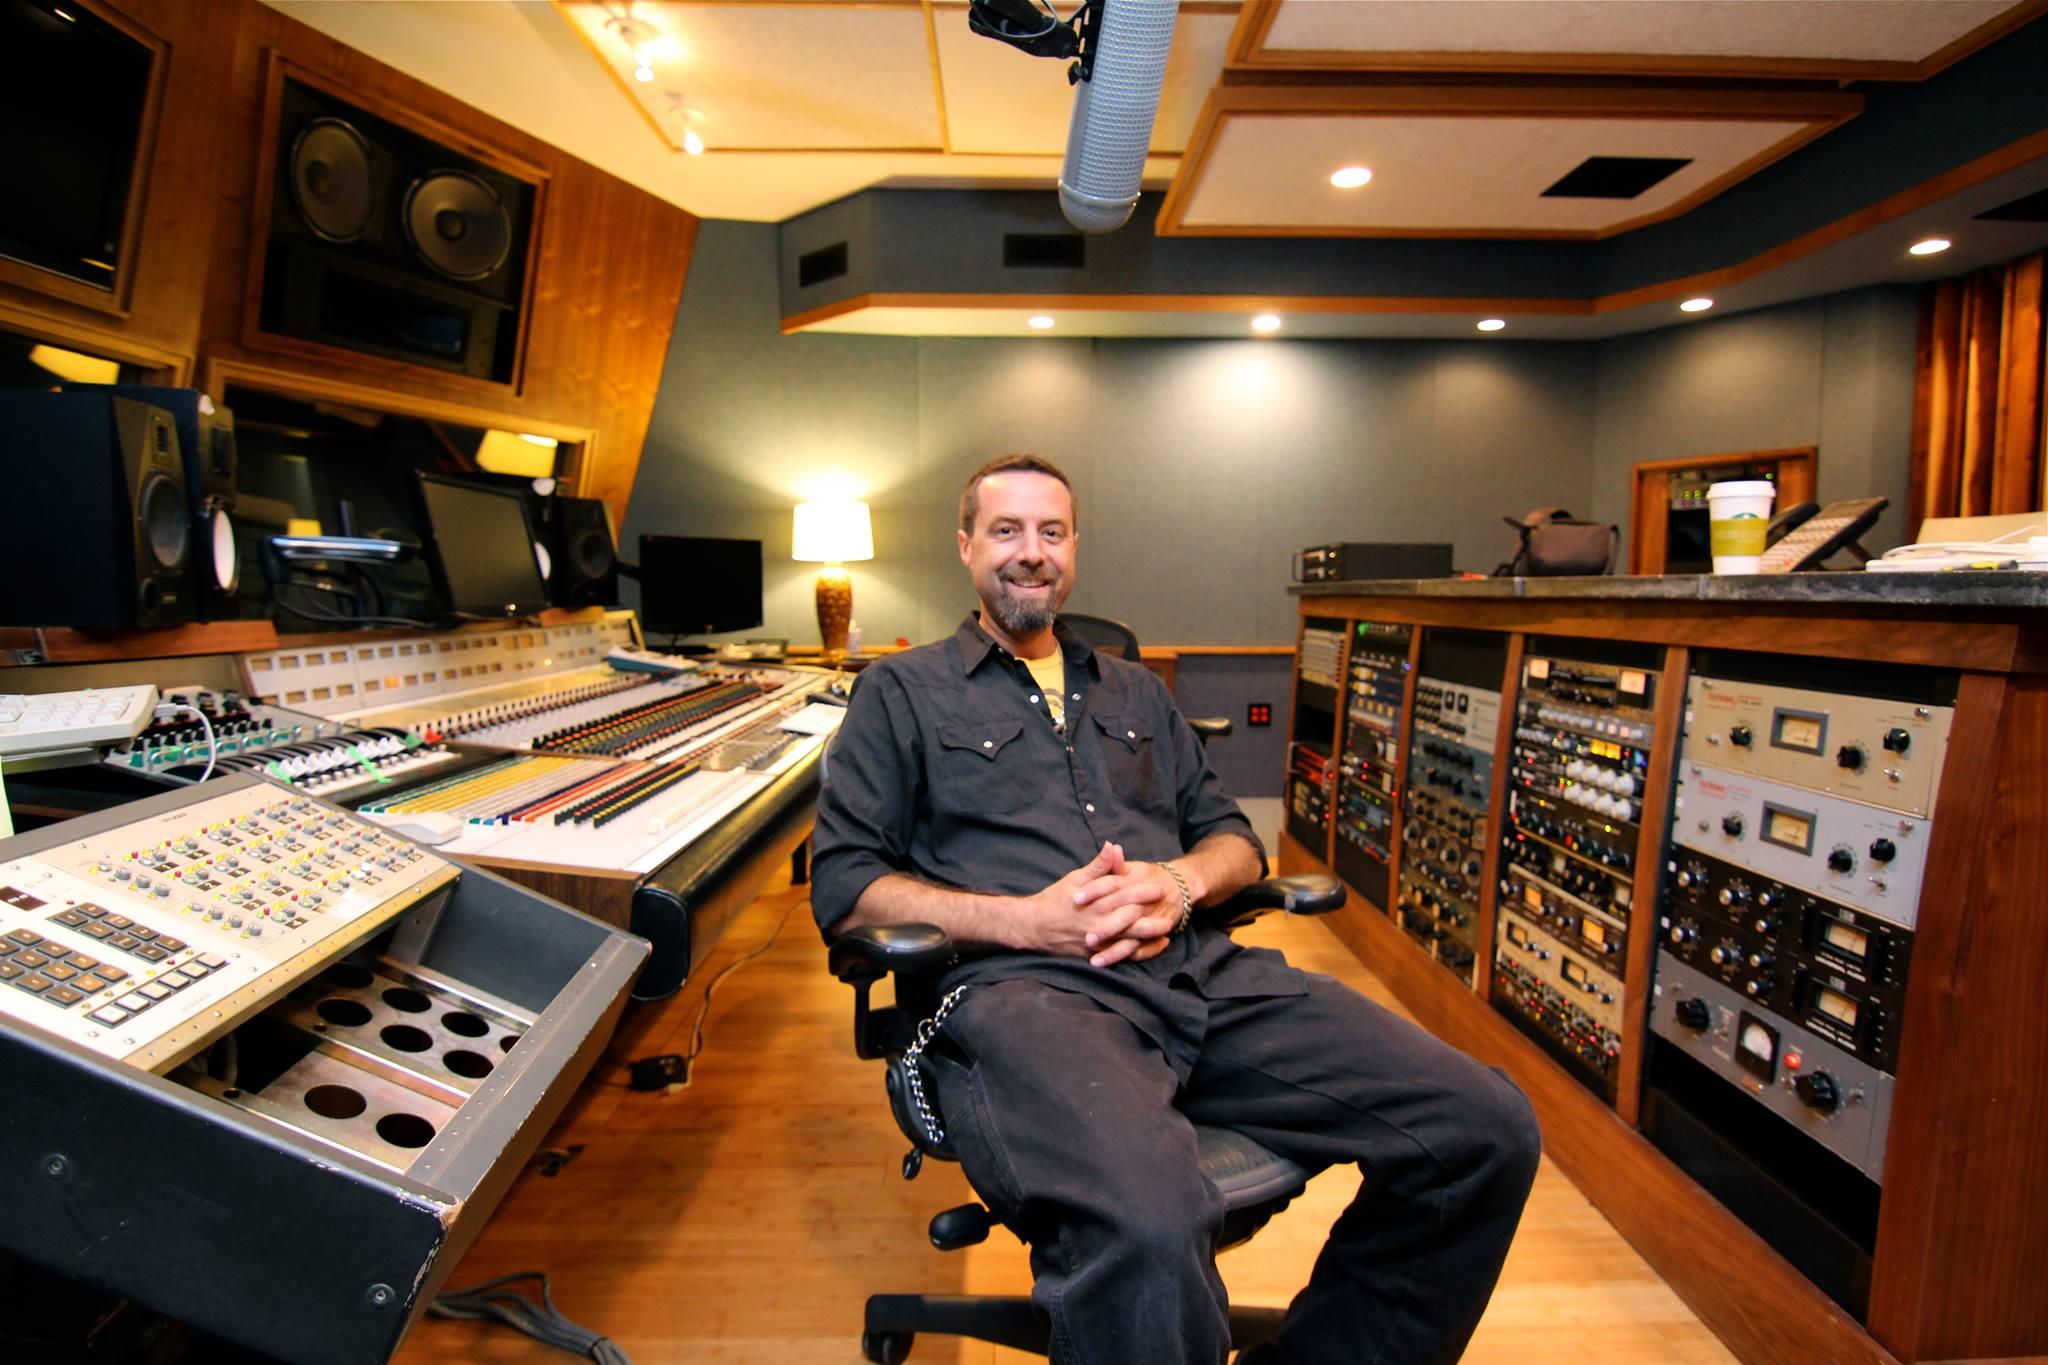 Josh Blake of IamAVL